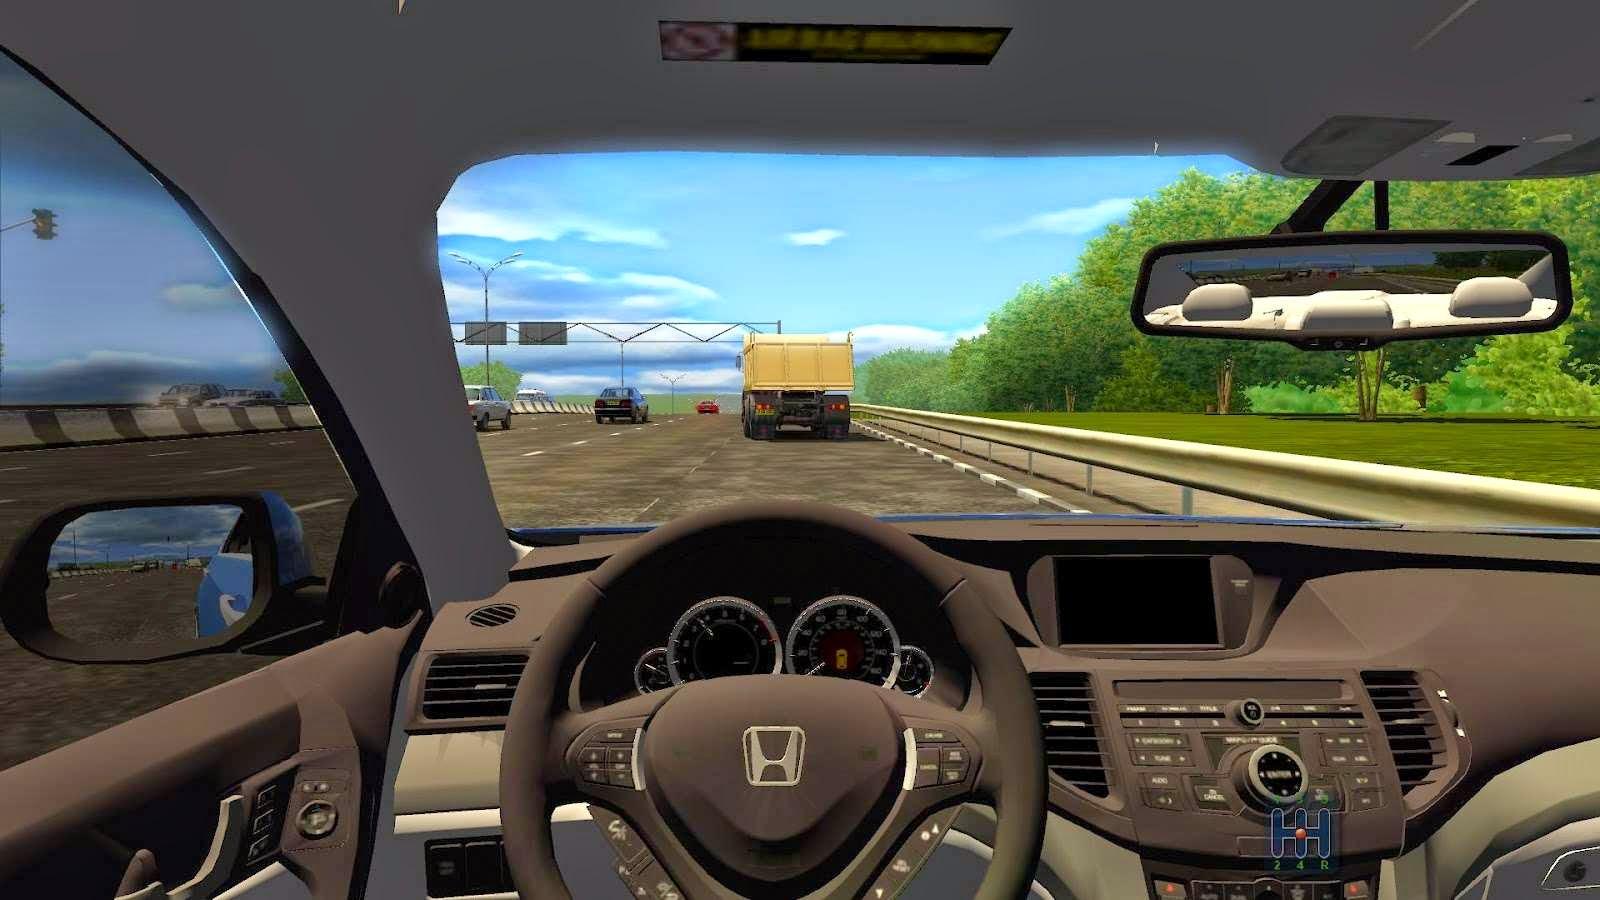 تعلم السياقة بدون معلم مع لعبة City Car Driving الرائعة